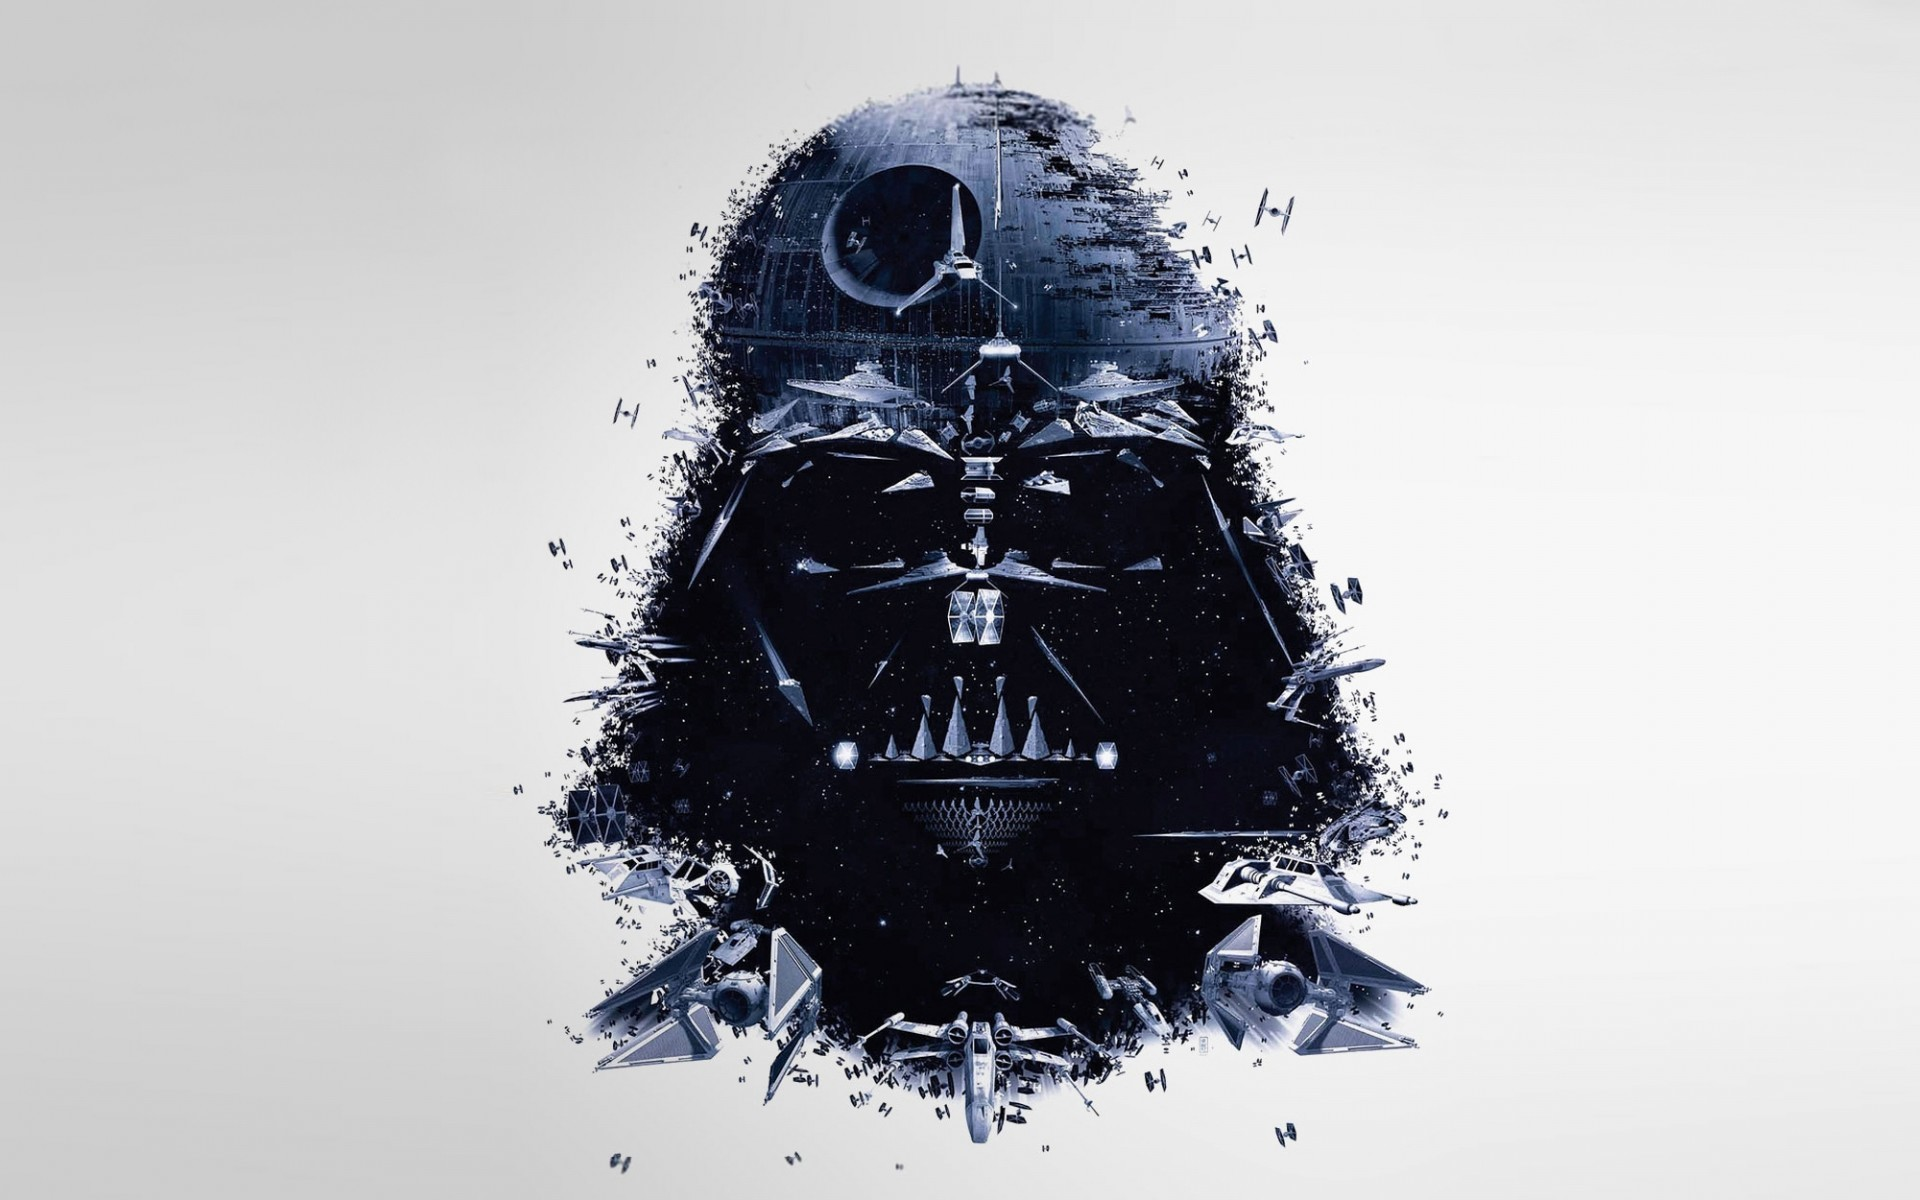 vader star wars movies sci-fi darth spaceships spacecraft death star mask  wallpaper